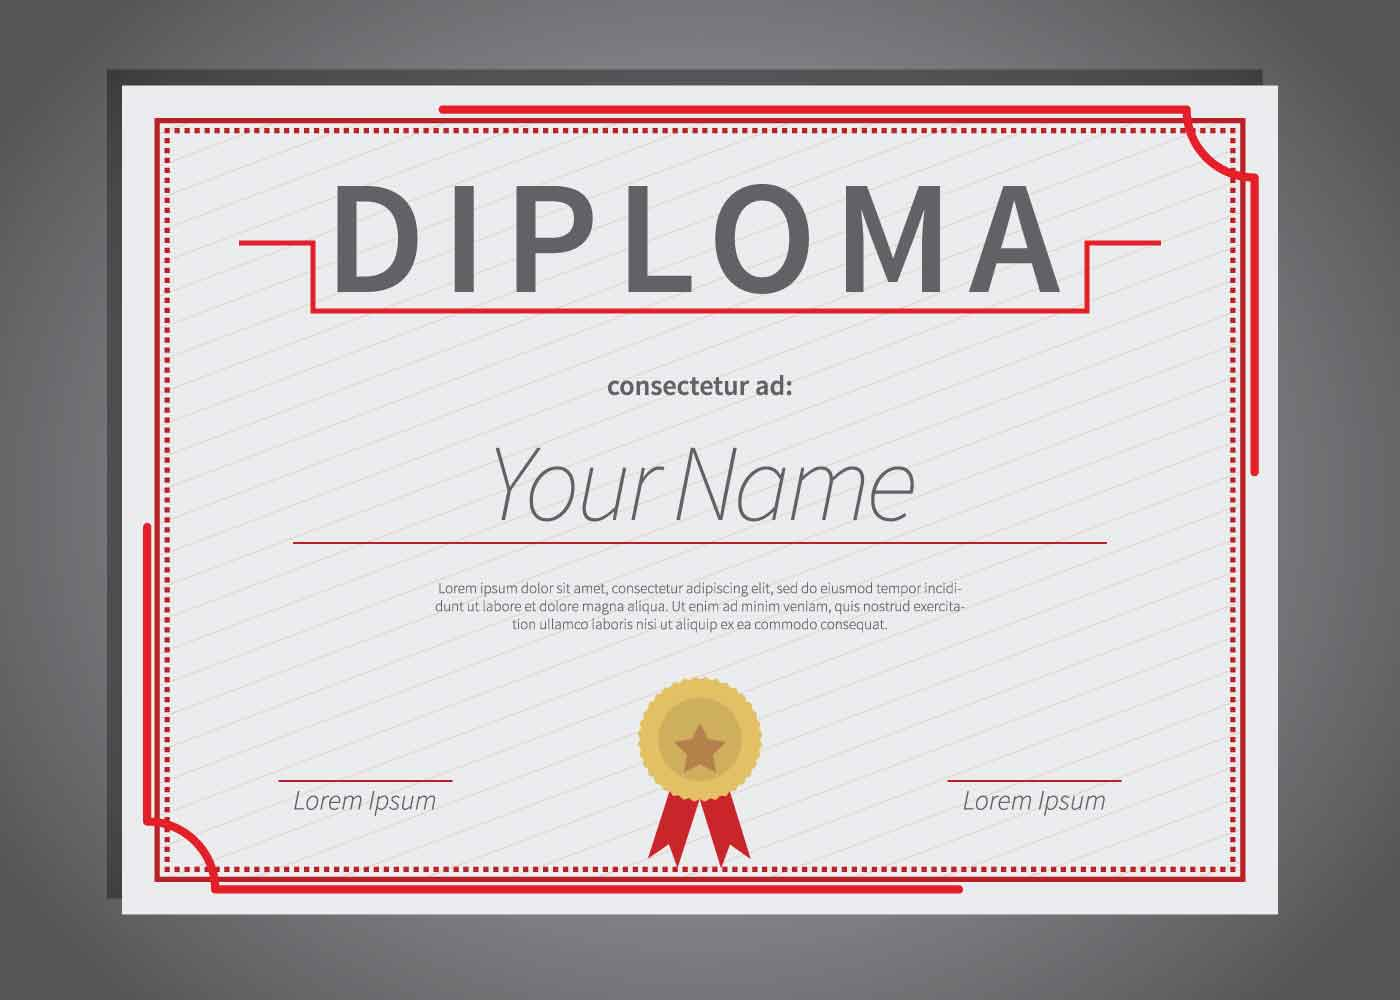 Ilustración de plantilla de diploma gratis - Descargue Gráficos y ...